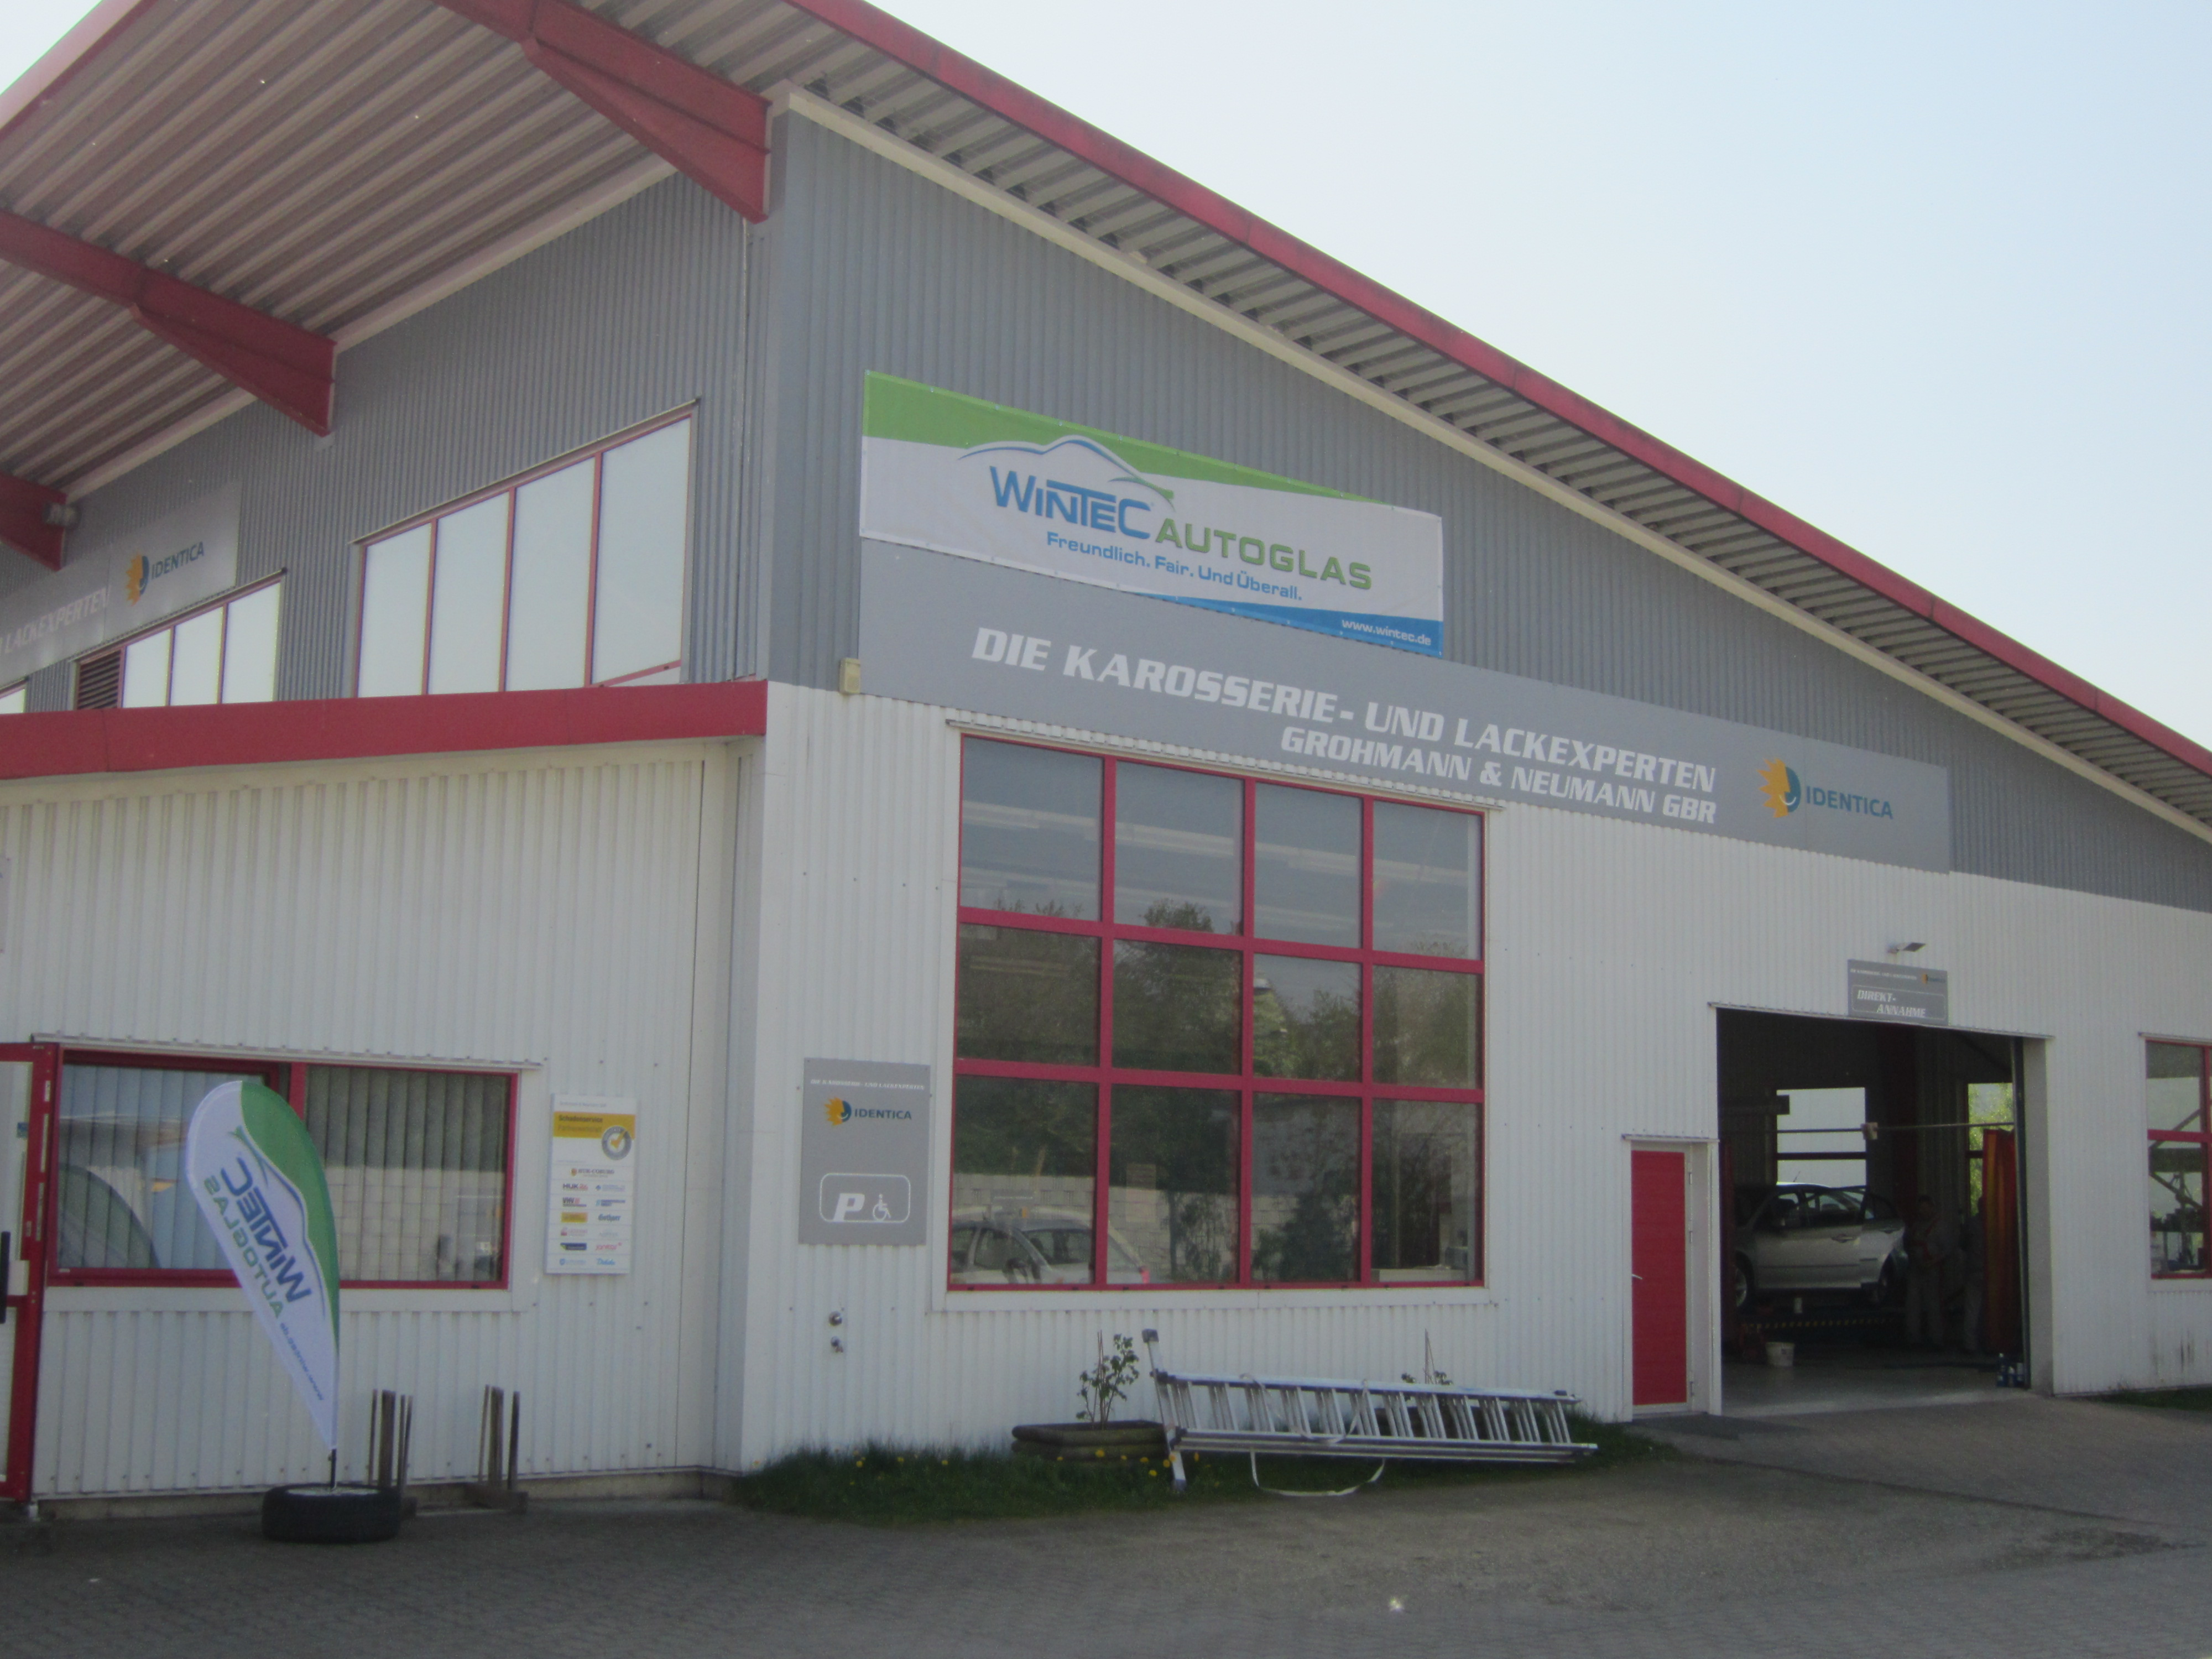 Wintec Autoglas Identica Grohmann und Neumann GbR